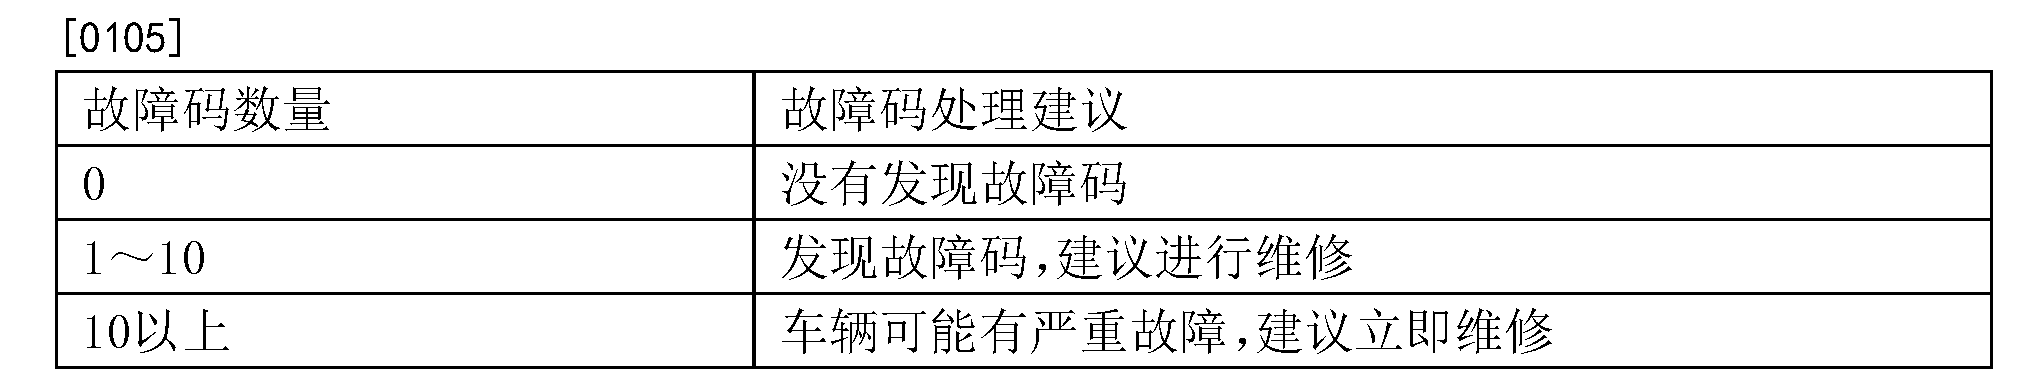 Figure CN105046088BD00152